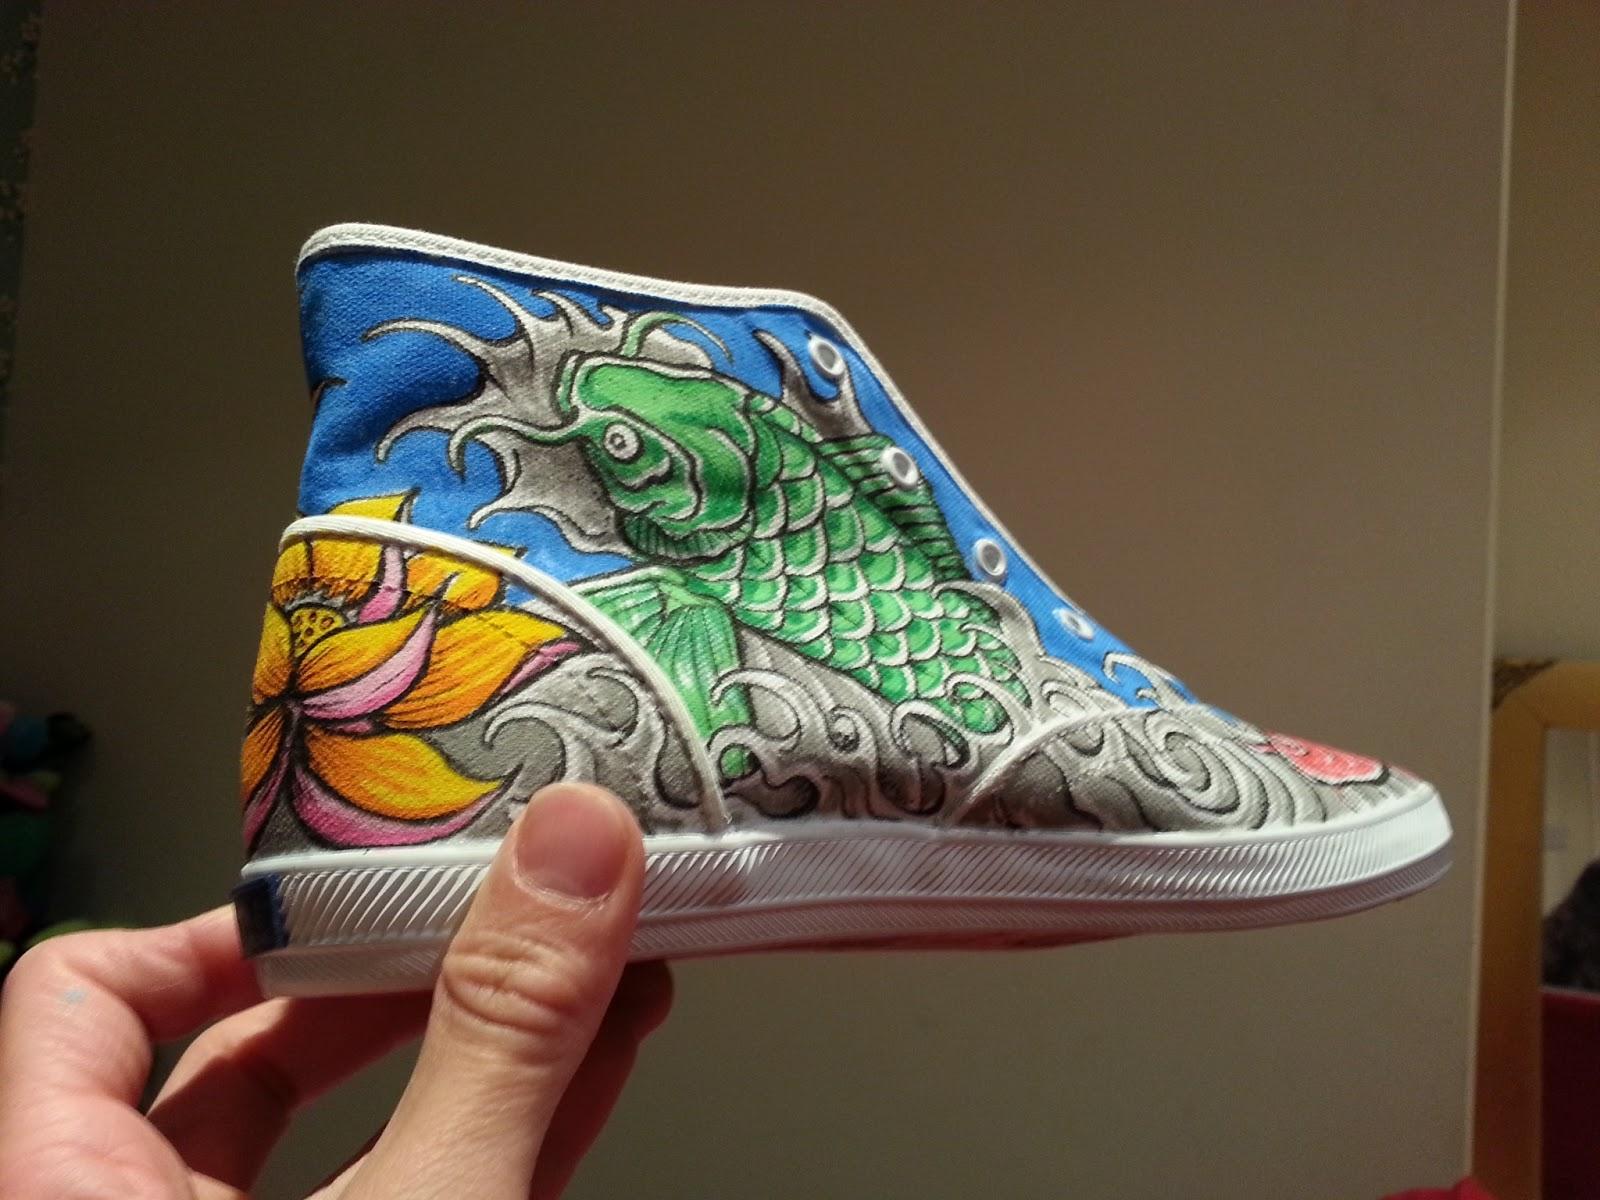 Drawn shoe japanese #11